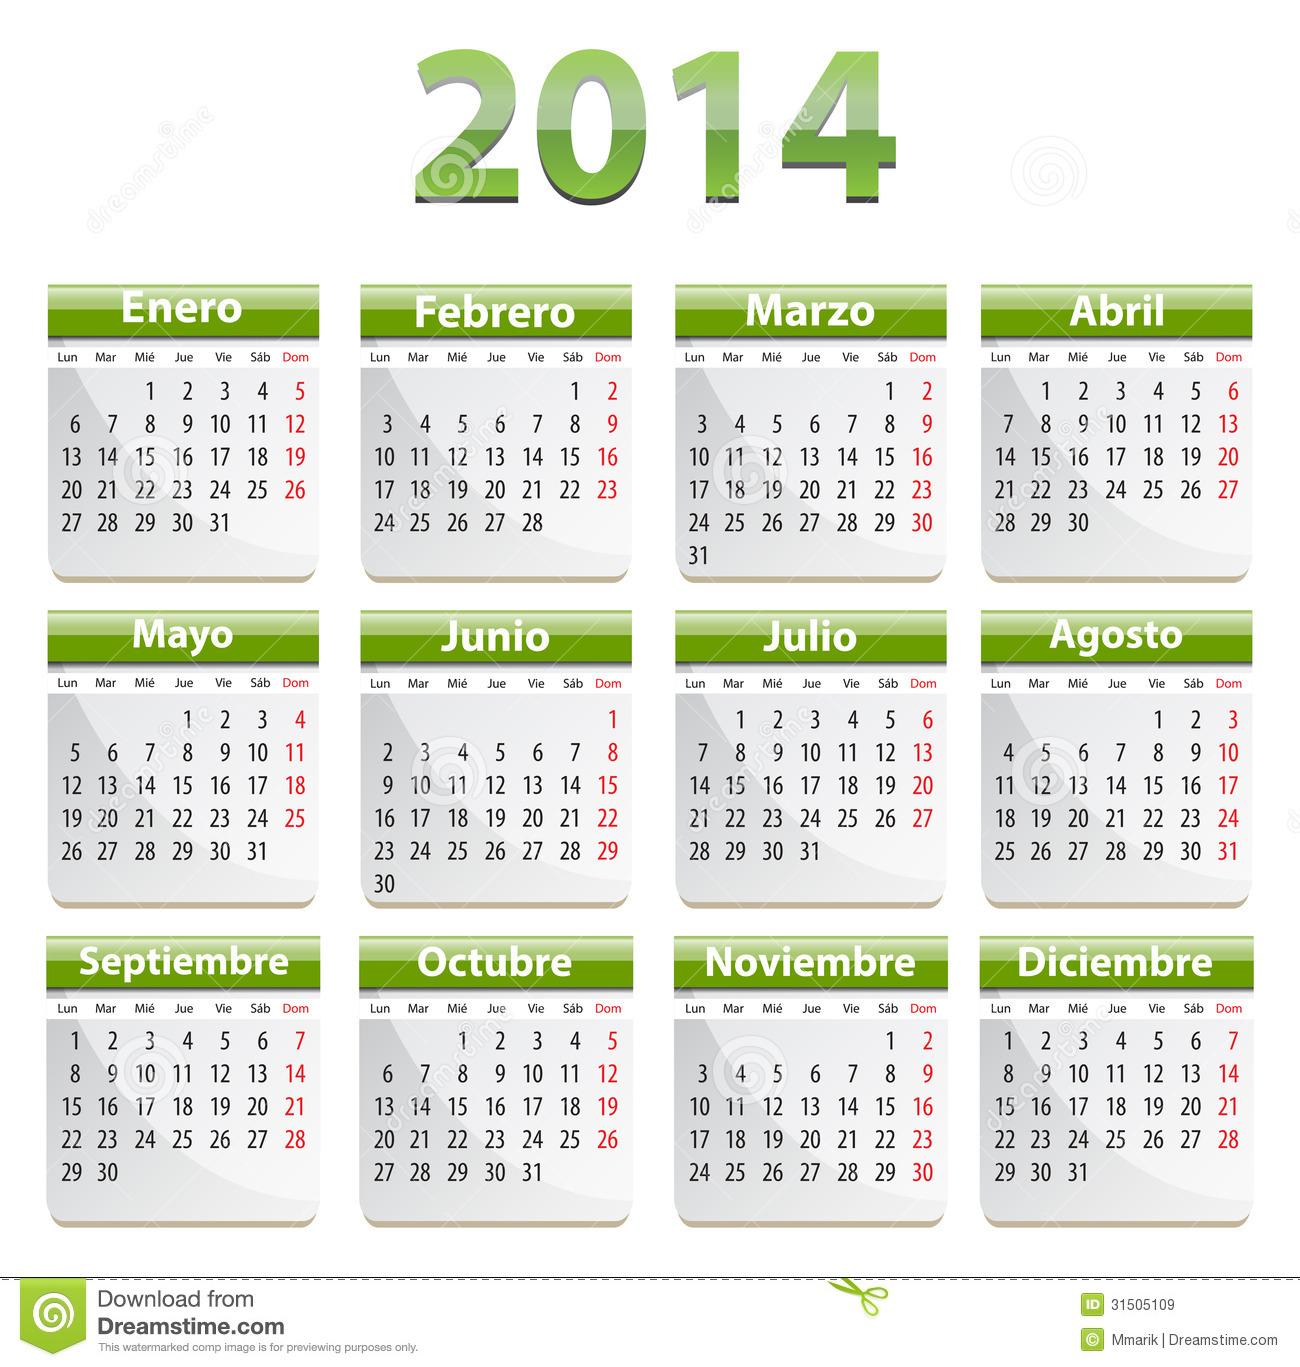 Πότε πέφτουν οι δημόσιες αργίες το 2014;